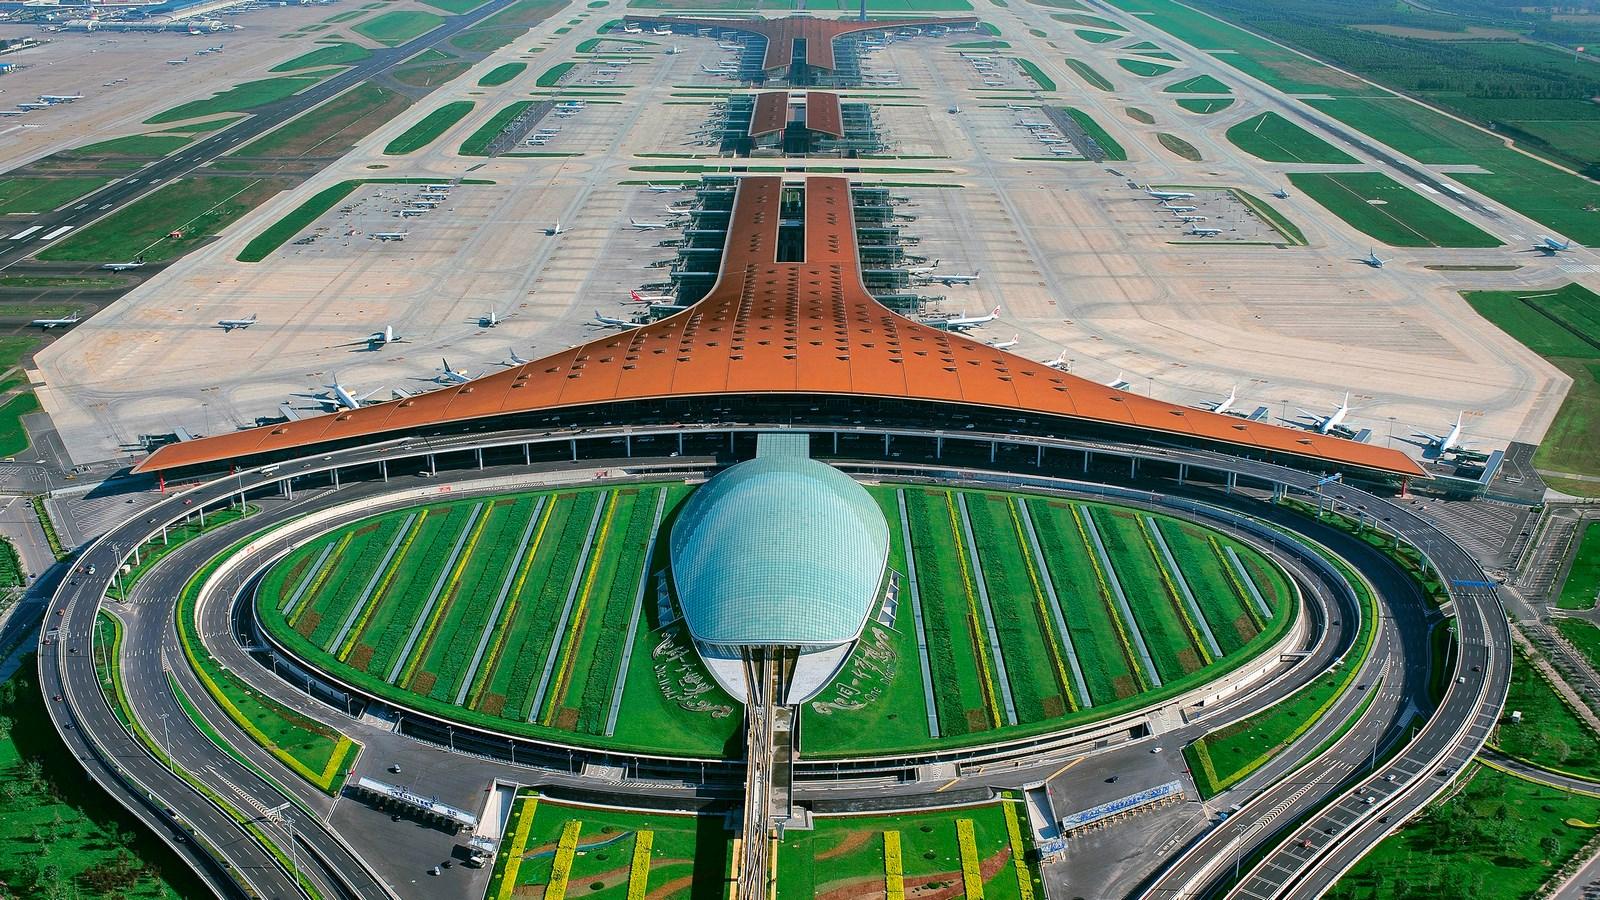 2009 - Aeropuerto de Pekín, China